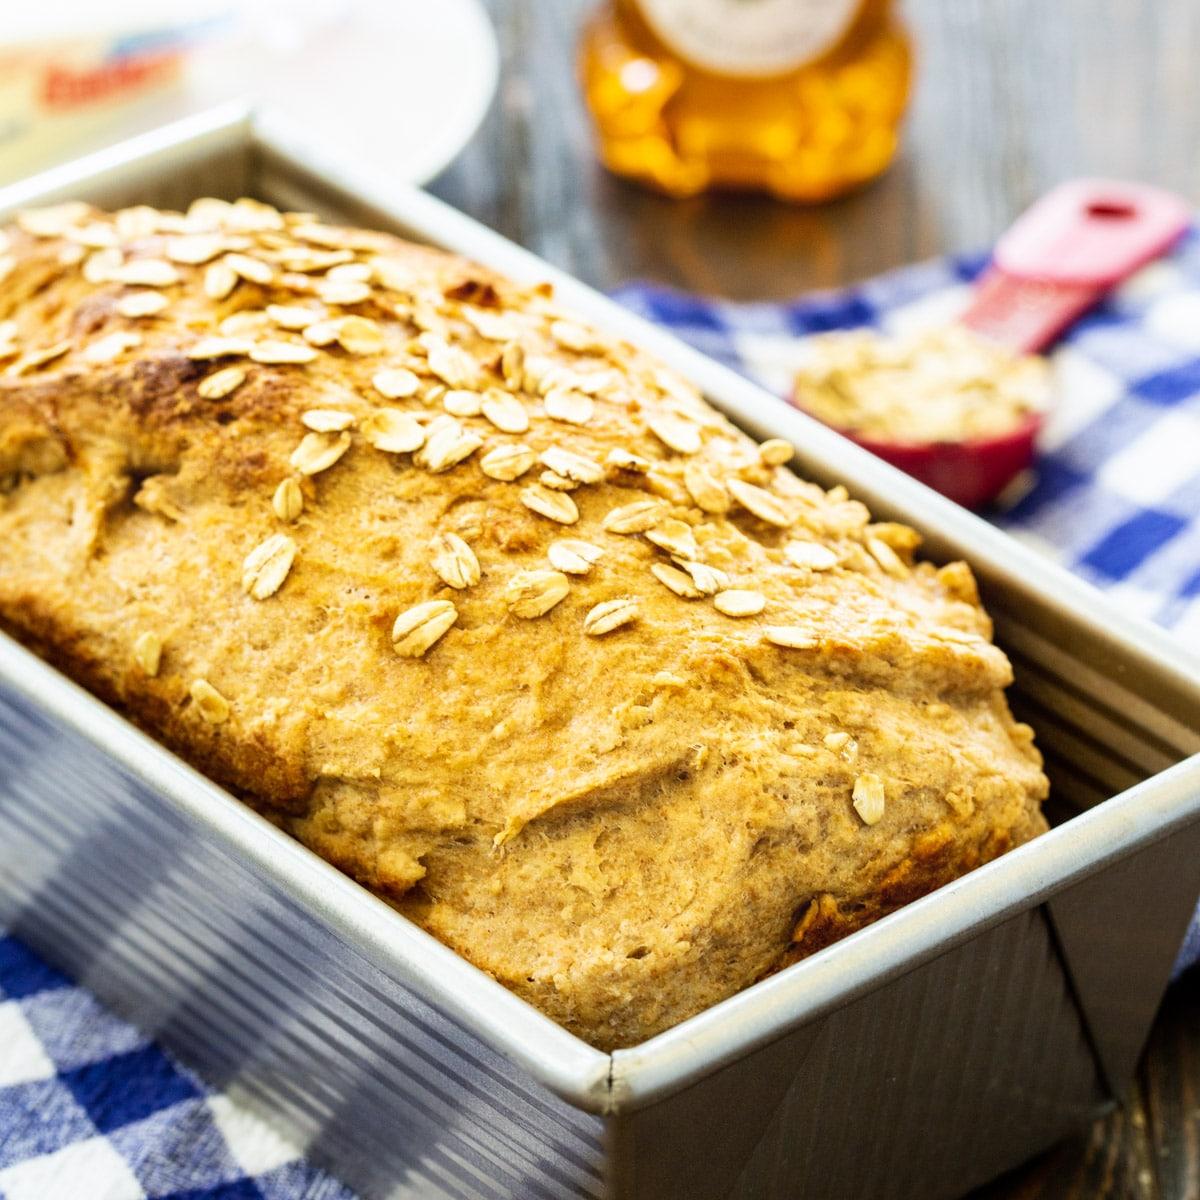 Honey Oat Wheat Bread in a loaf pan.